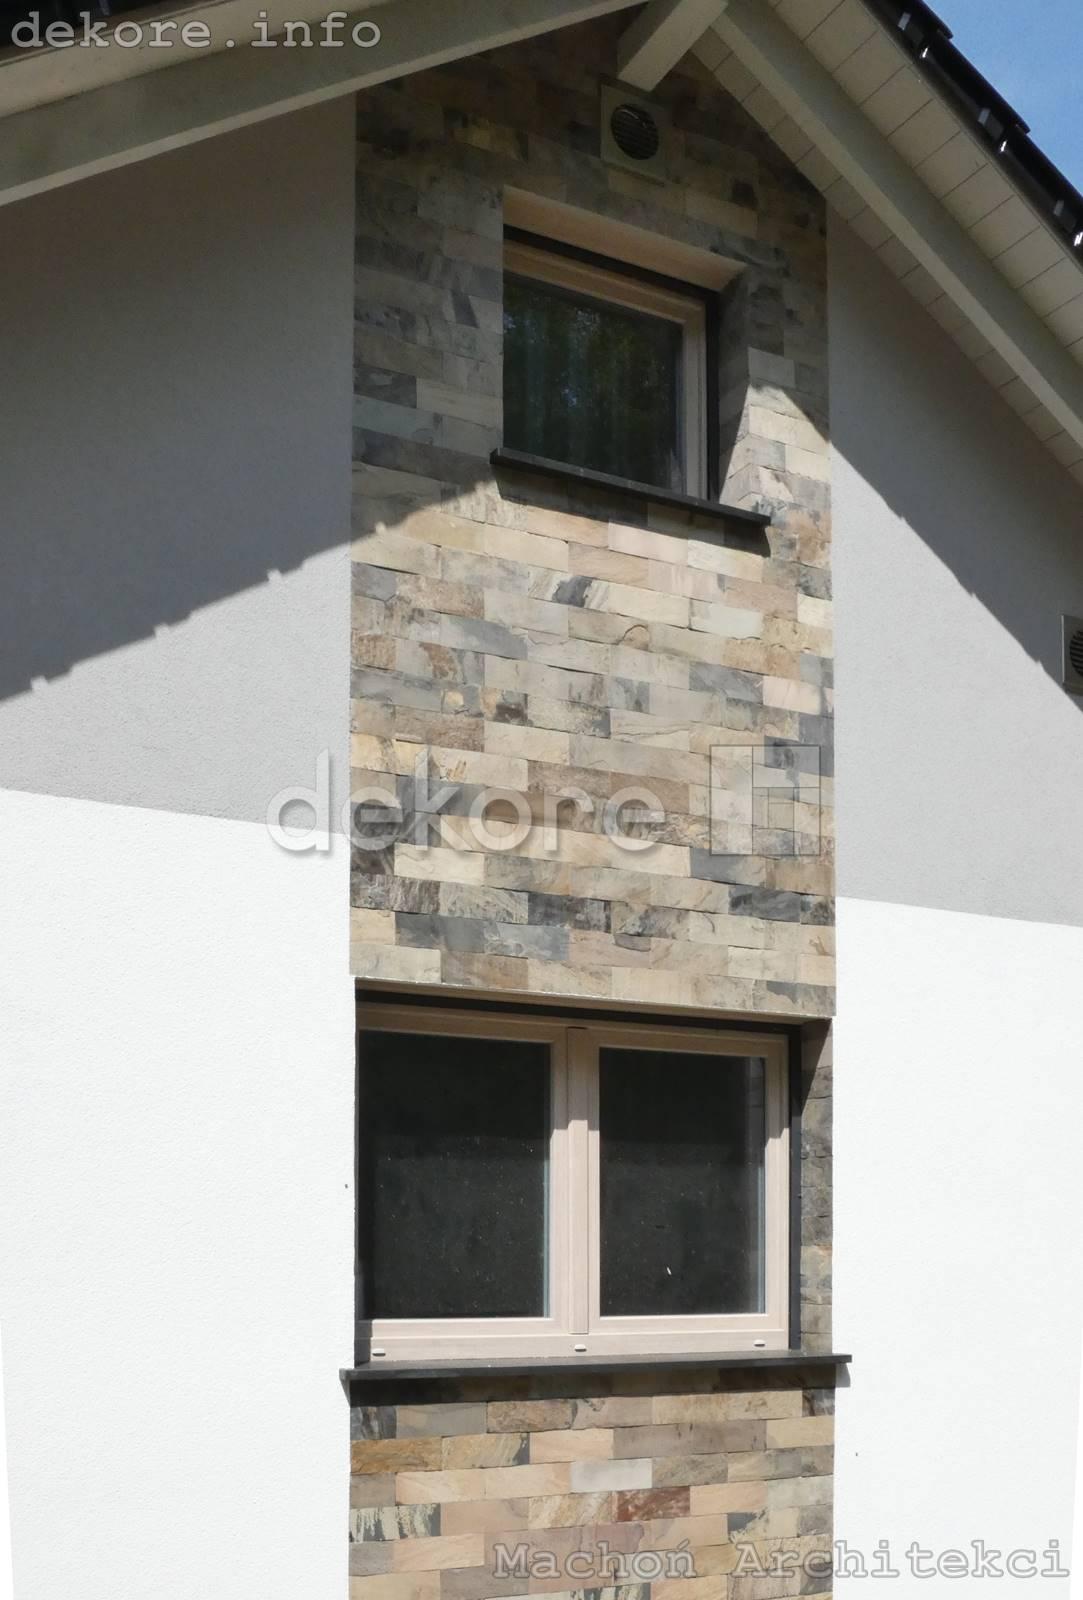 łupek indyjski elewacja domu z kamienia naturalnego